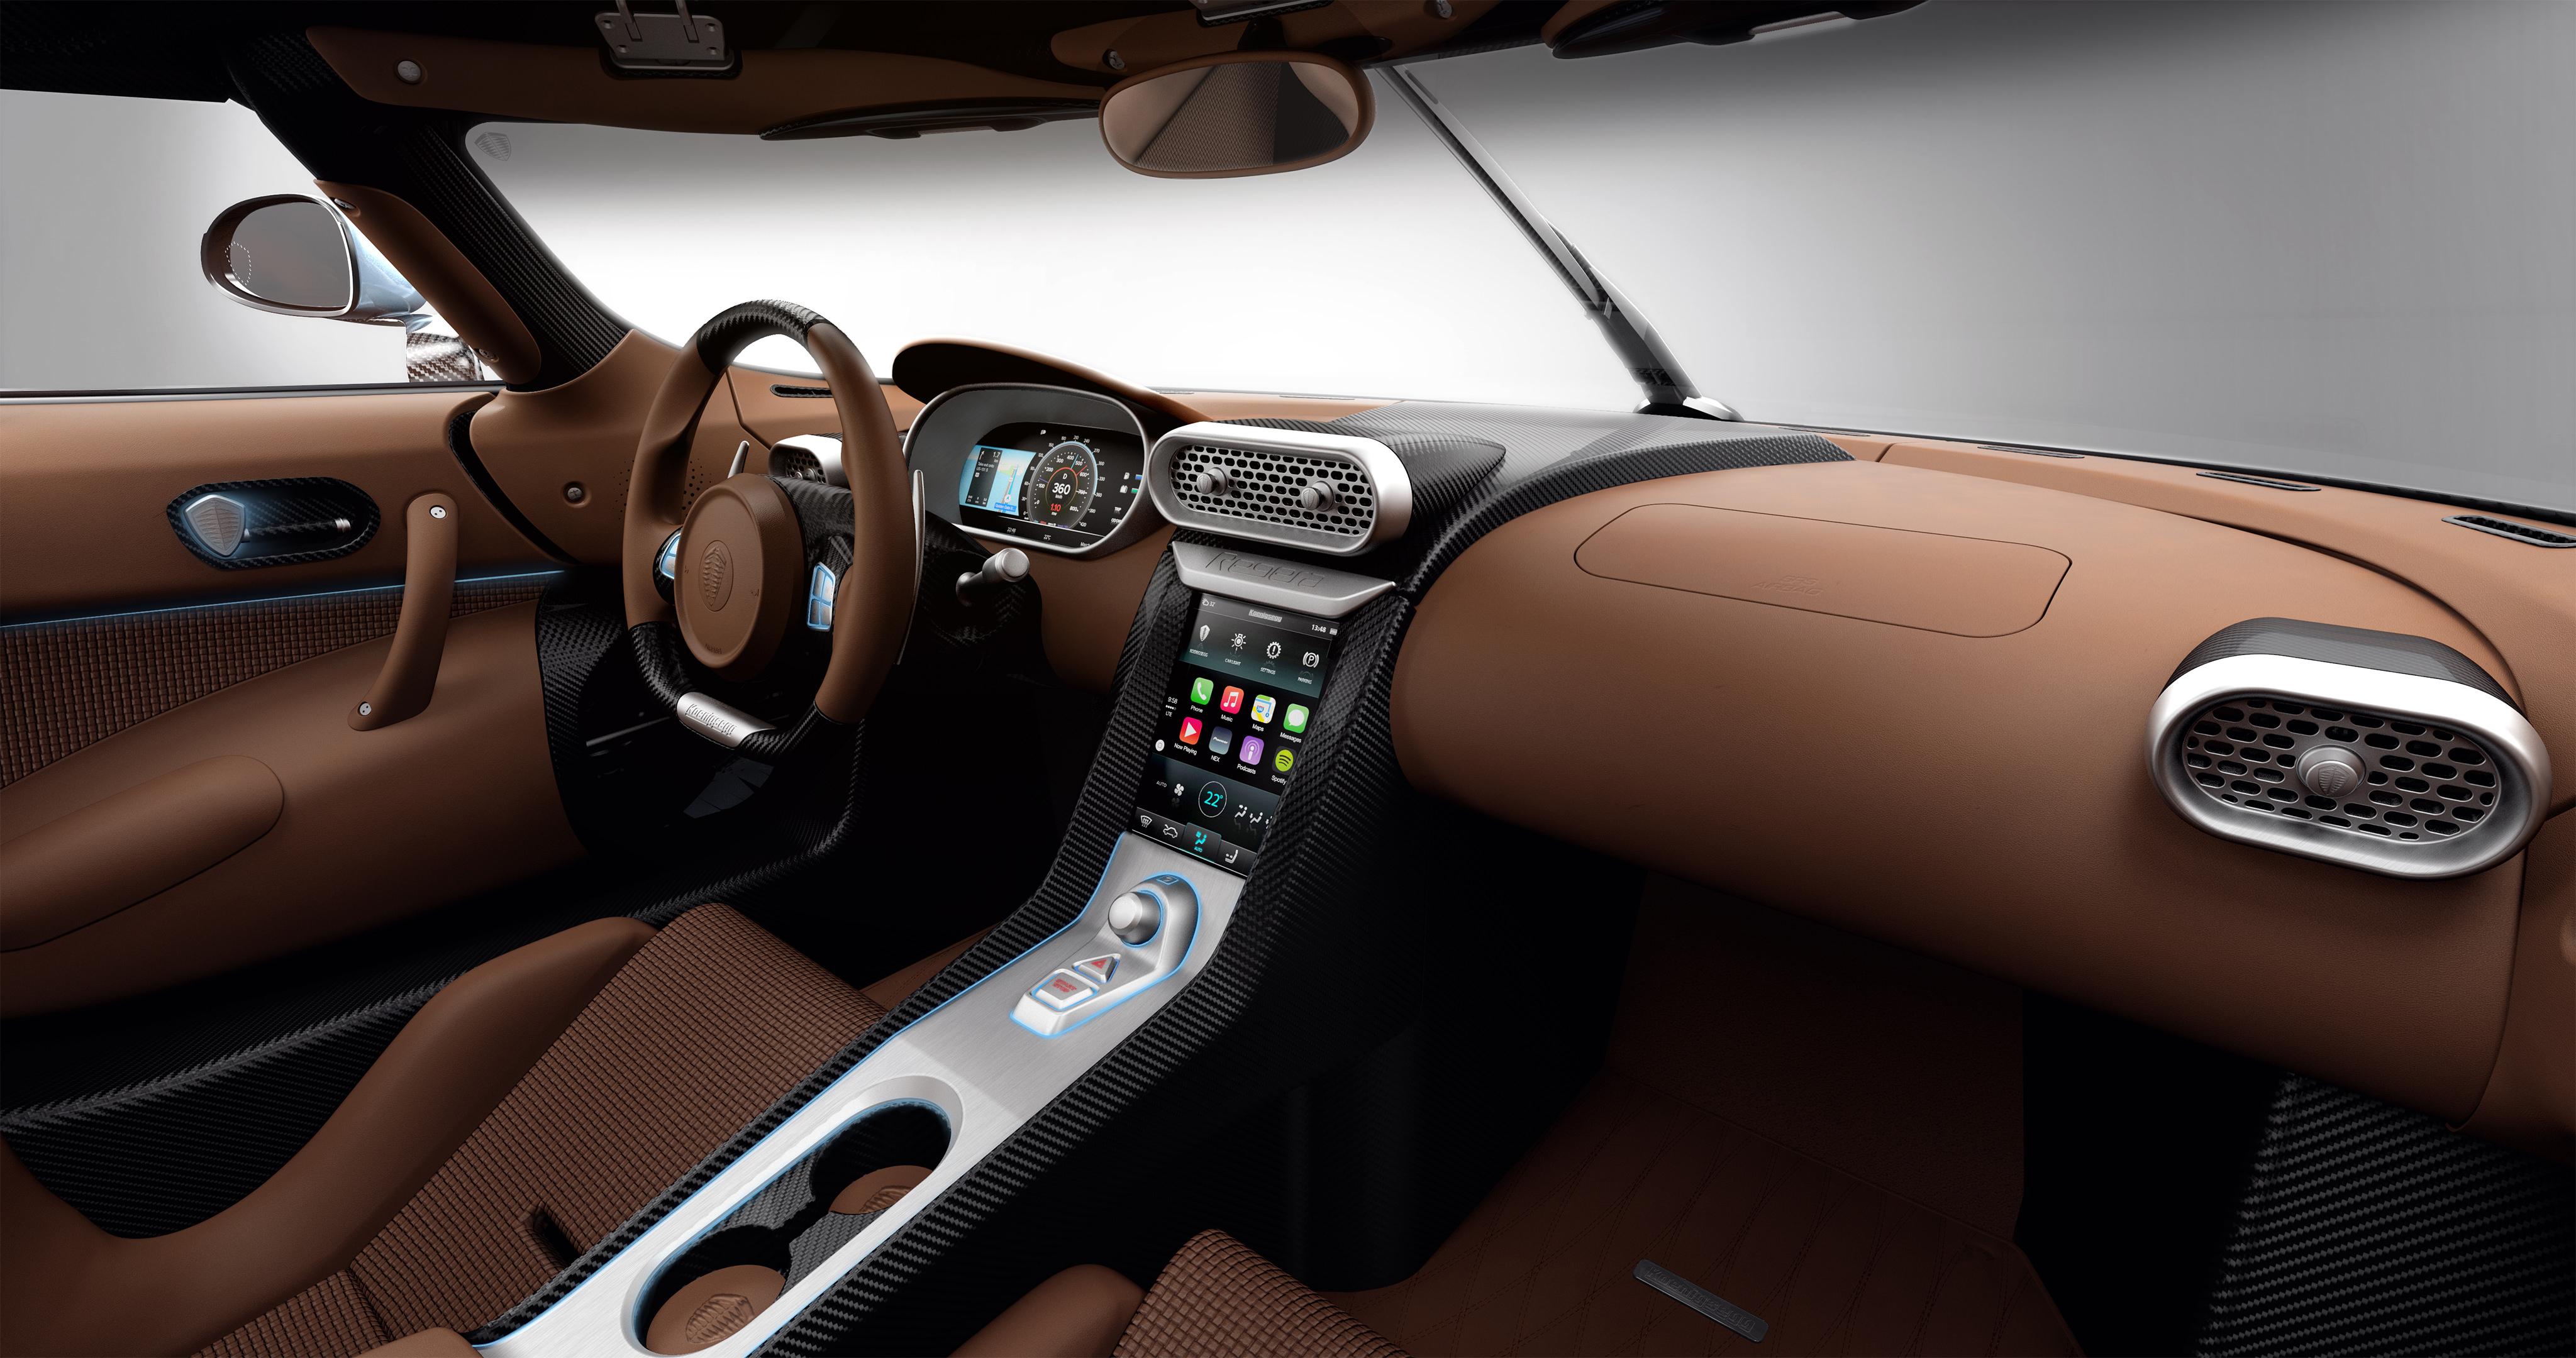 Voiture de luxe: Intérieur Koenigsegg Regera